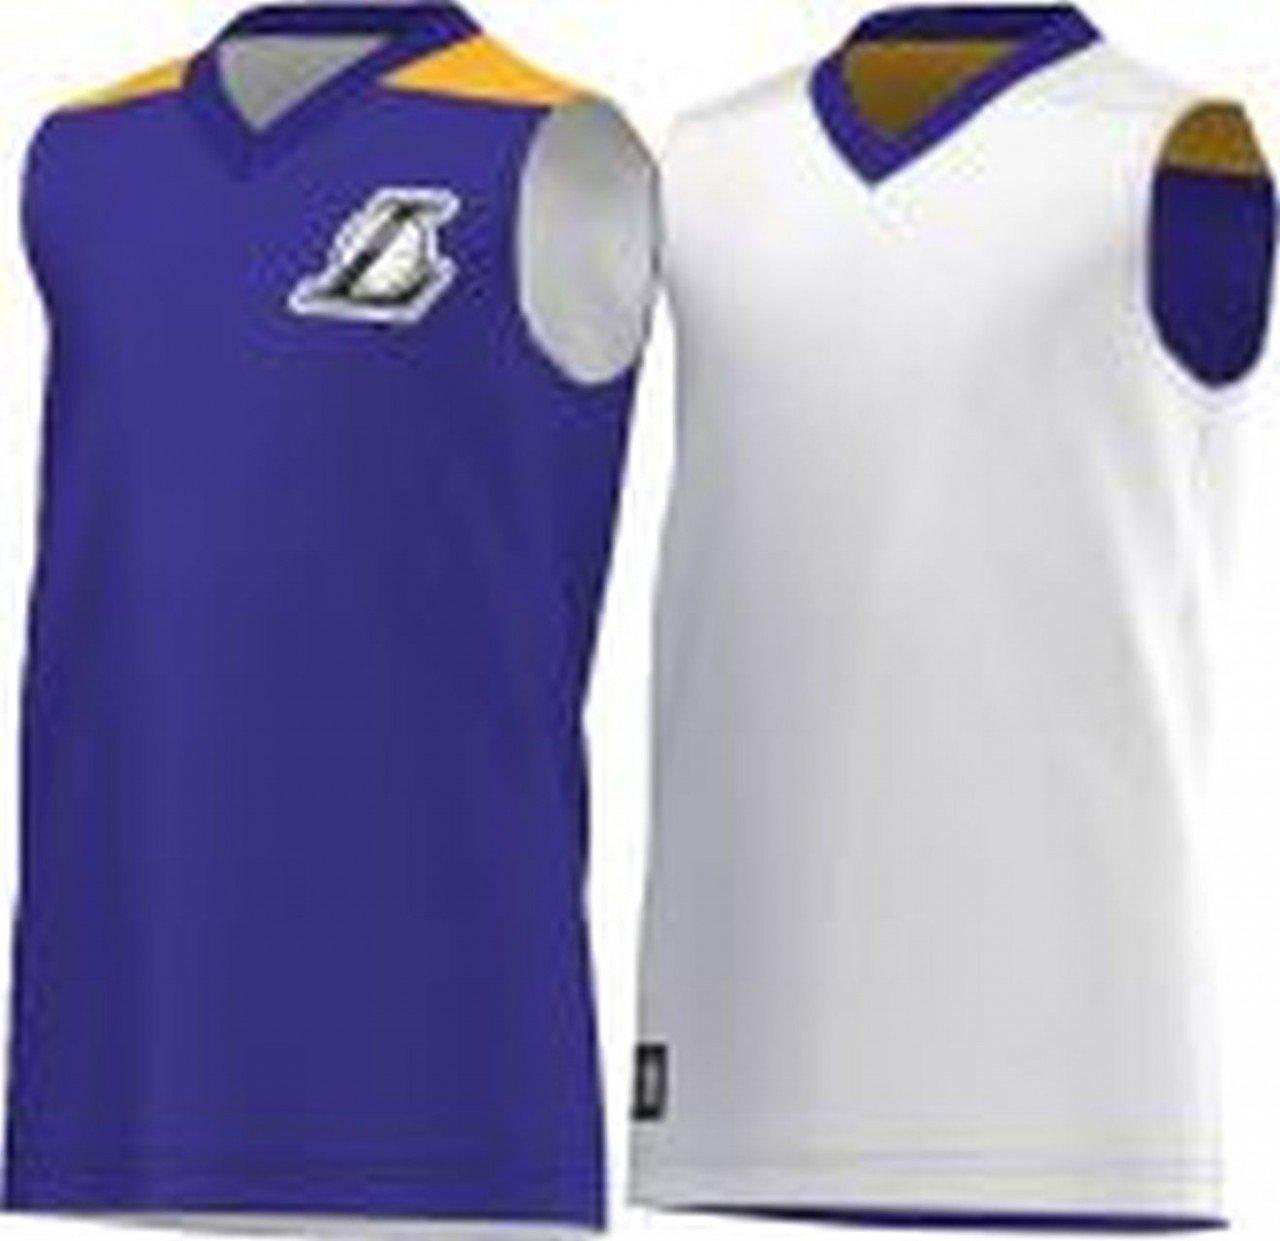 Adidas Y Smr RN Rev SL Camiseta, Niño: Amazon.es: Deportes y aire ...